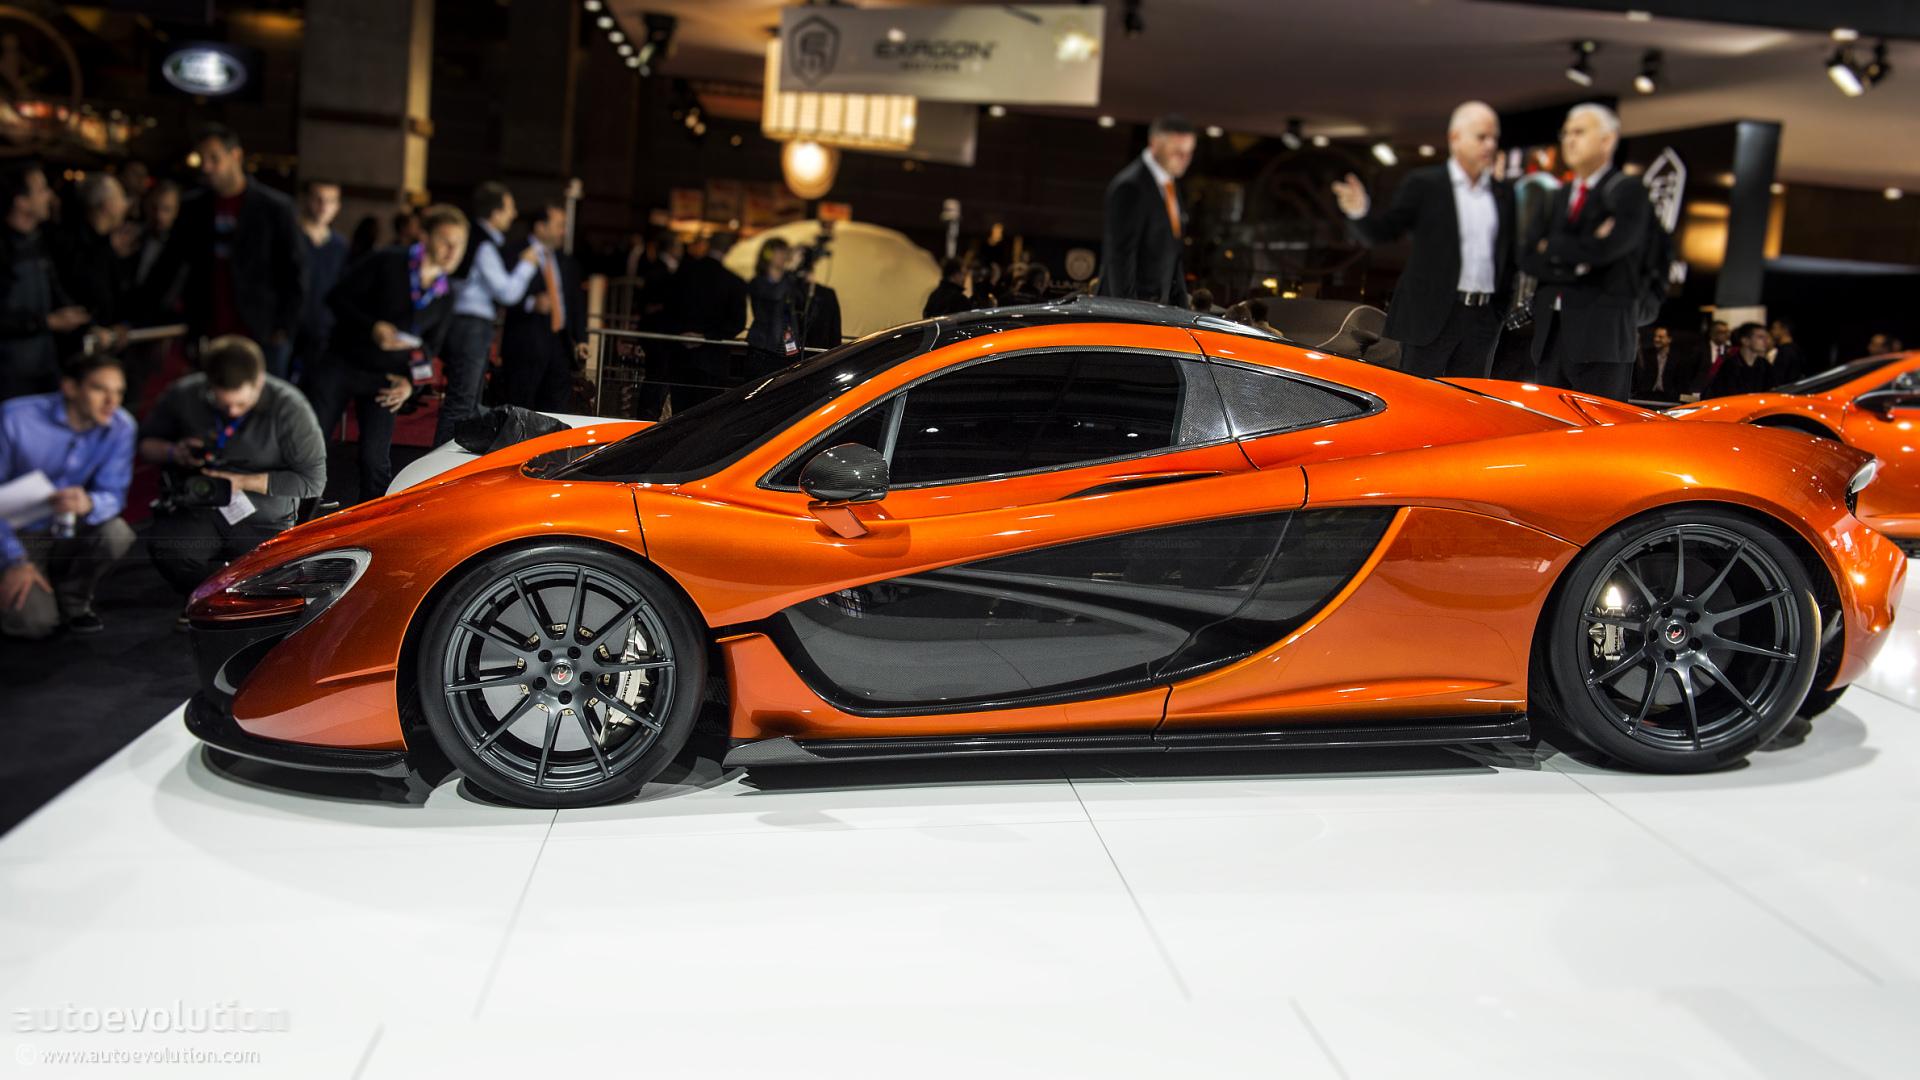 McLaren P1 Hypercar Concept  live photos Motor Show High Resolution Wallpaper Free